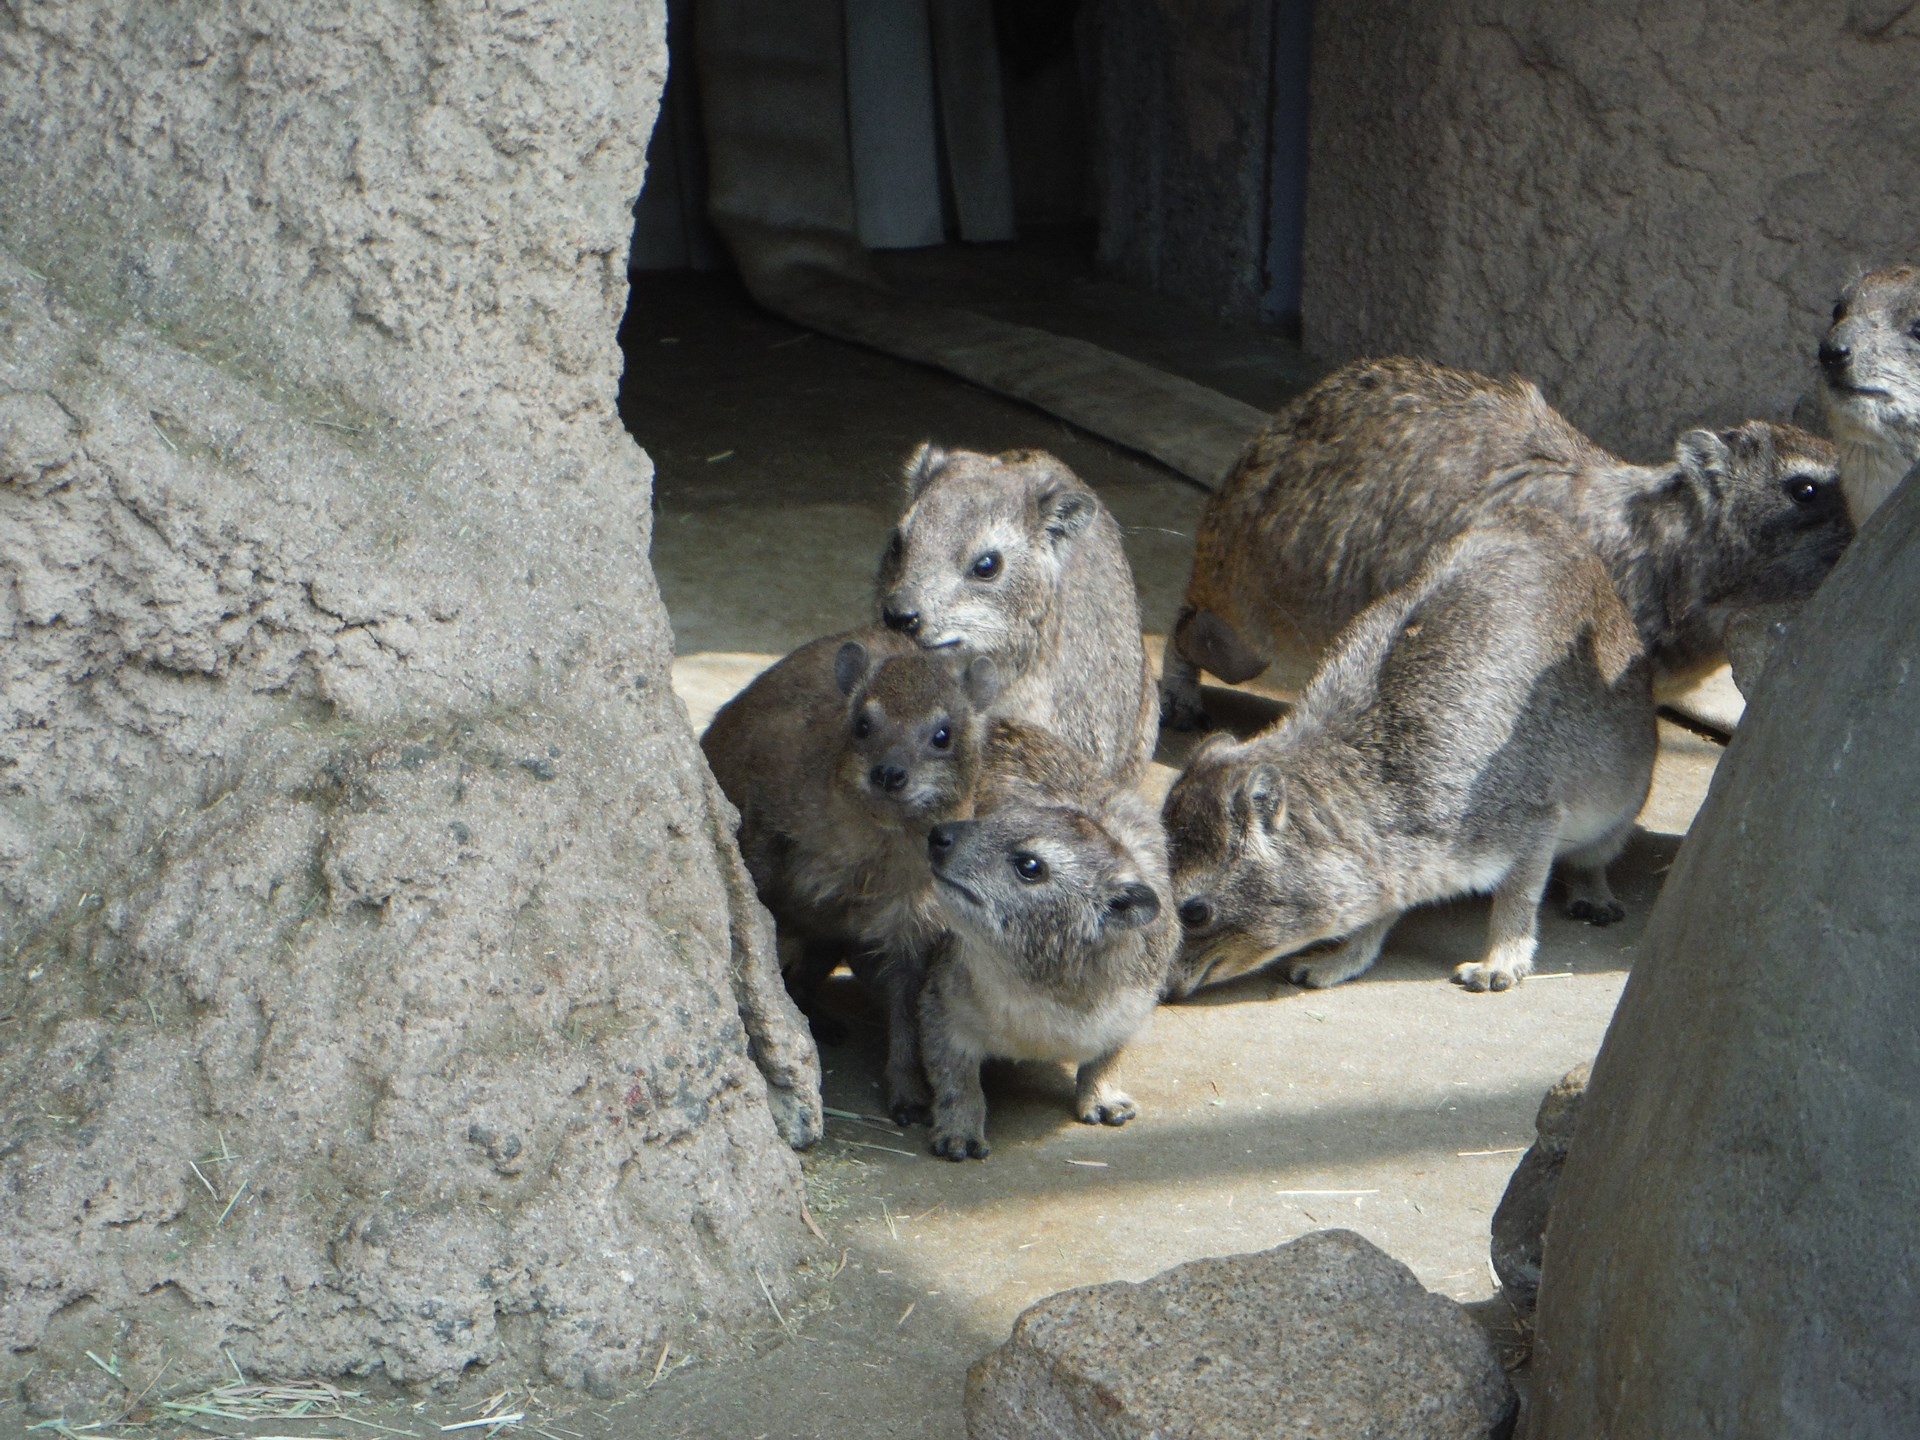 http://www.asazoo.jp/animal/blog/s-DSCF4632.jpg